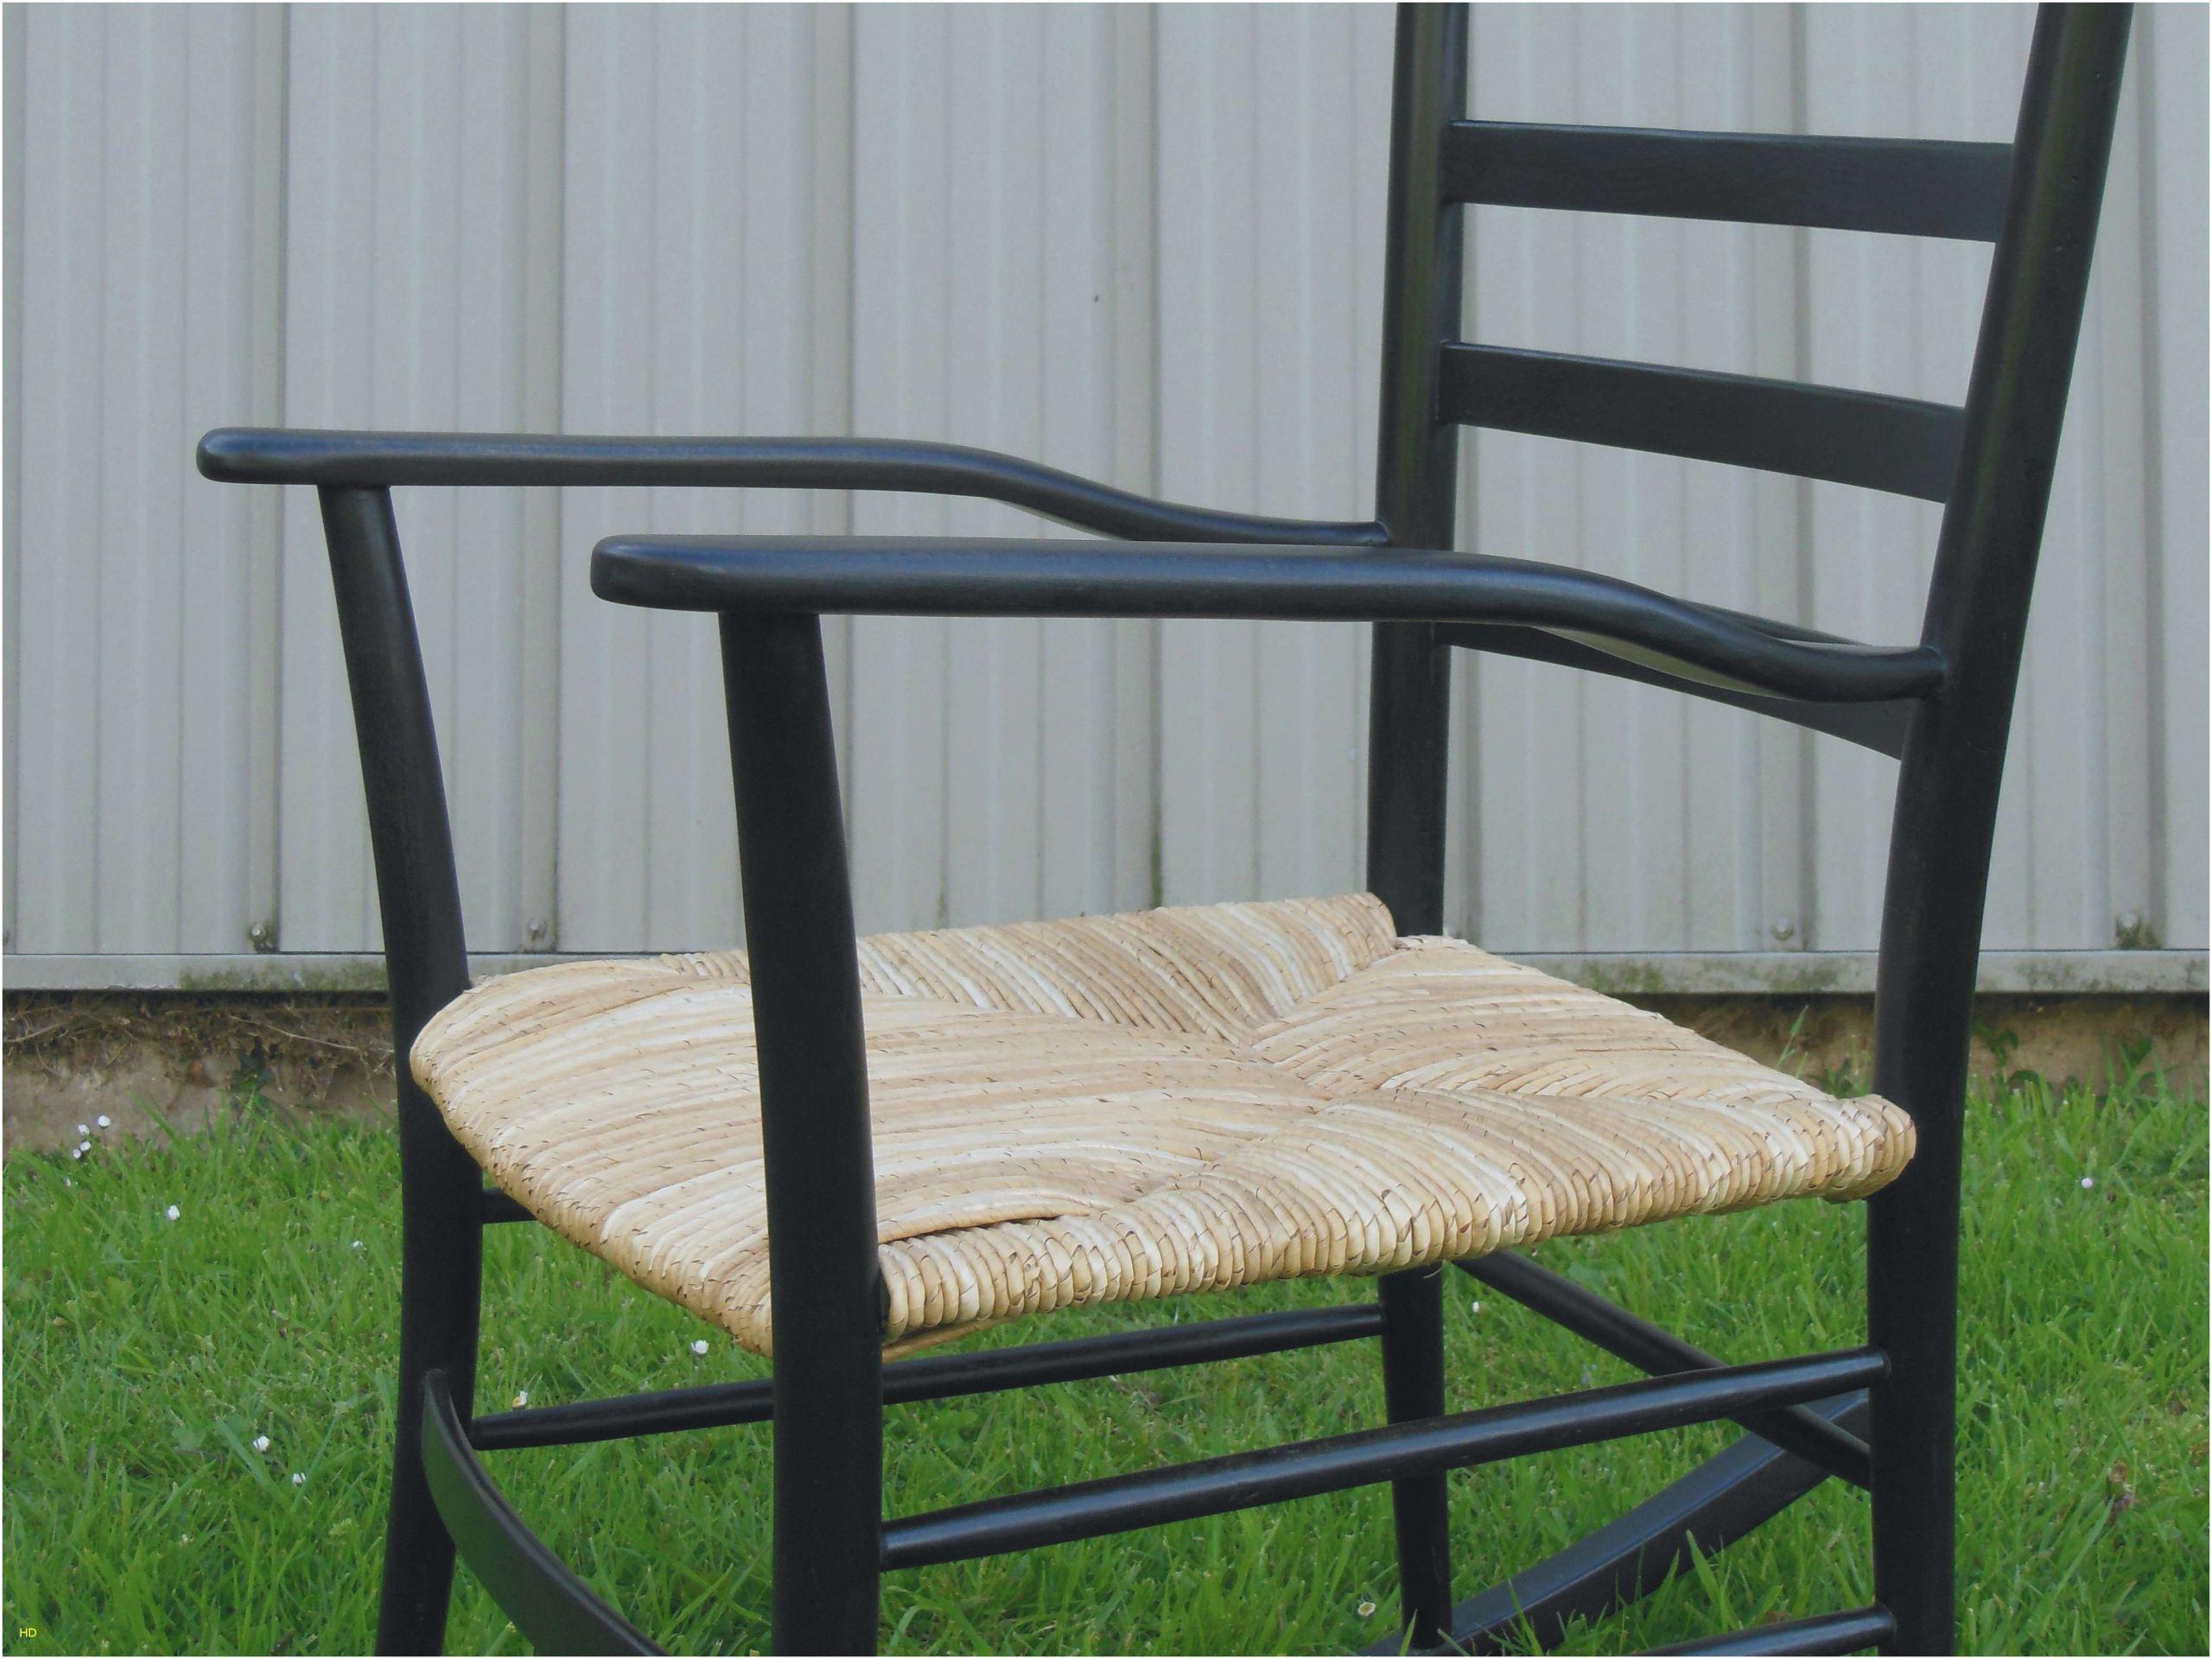 catalogue castorama jardin fauteuil douche beau castorama chaise nouveau table jardin castorama avec fauteuil douche frais fauteuil douche 0d fauteuil douche et castorama table beau fauteuil